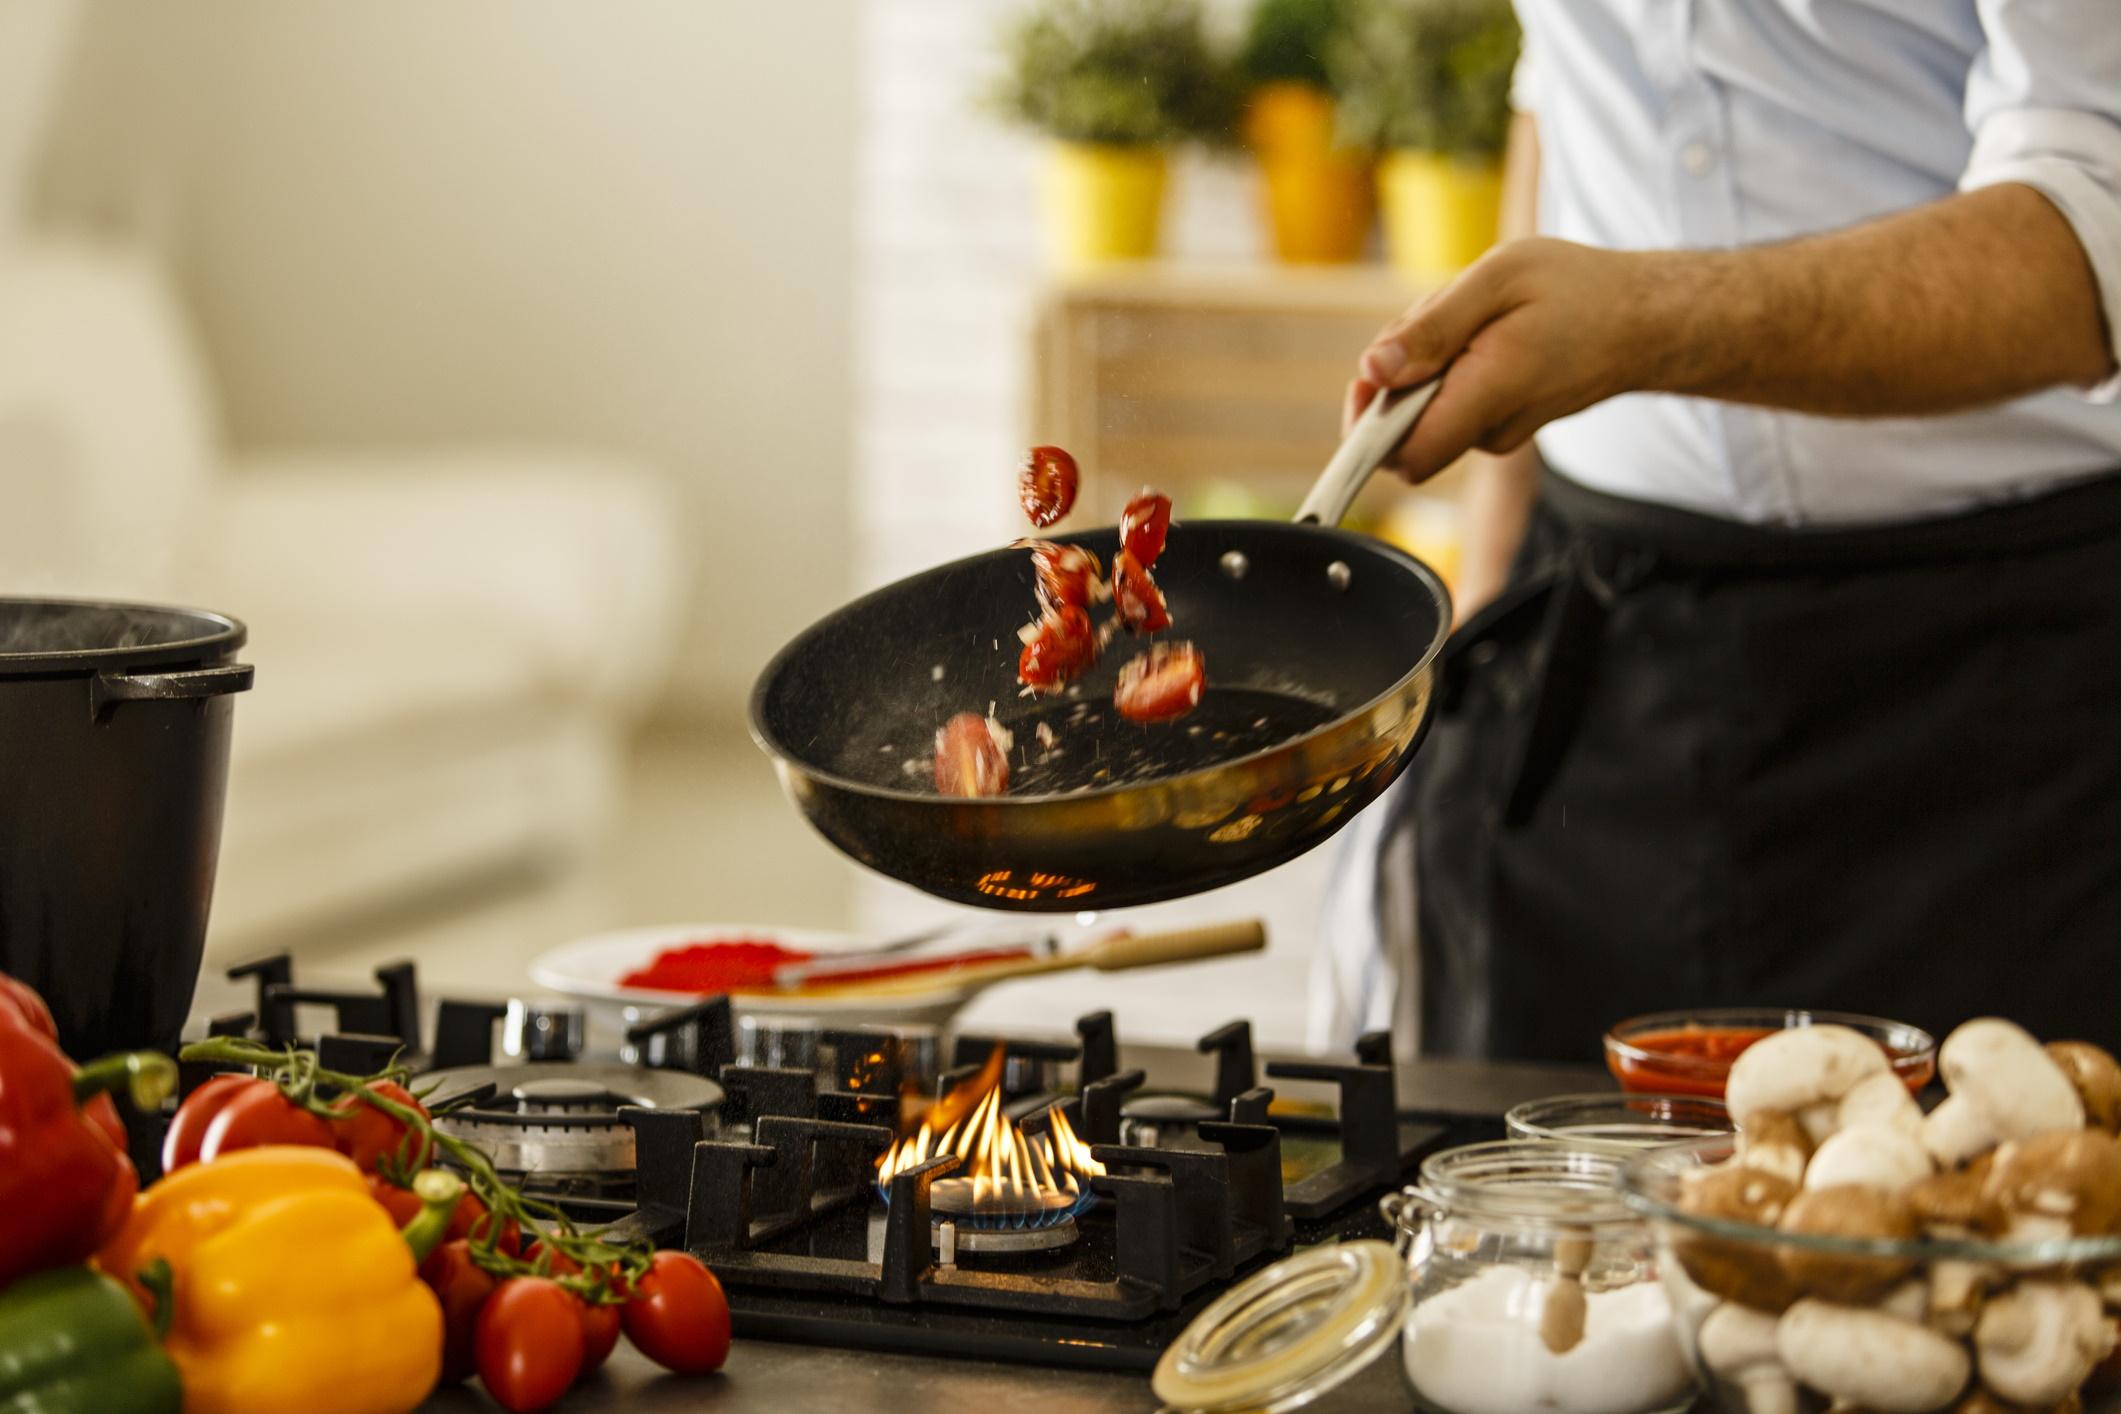 <p><strong>Домати</strong></p>  <p>Сготвените домати имат значително по-високи нива на ликопен от суровите. Ликопенът е един от&nbsp; най-мощните антиоксиданти и е свързан с по-малък риск от множество хронични заболявания, като сърдечно-съдови заболявания на рак.</p>